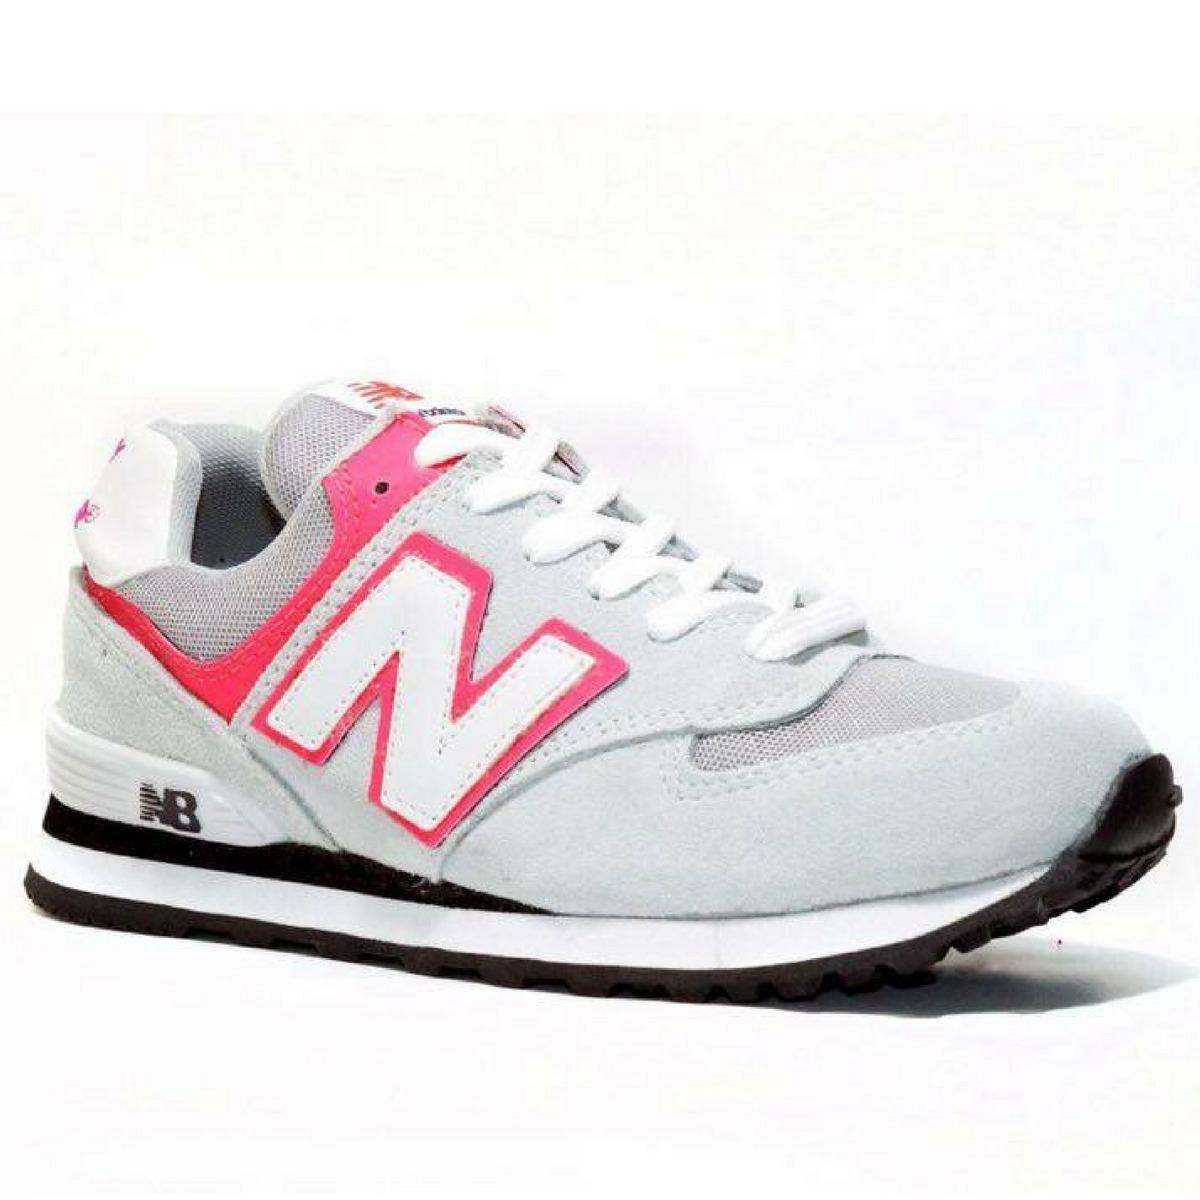 16870fc2d71 Tênis Sapatenis New Balance 574 Feminino Esporte Caminhada - R  89 ...